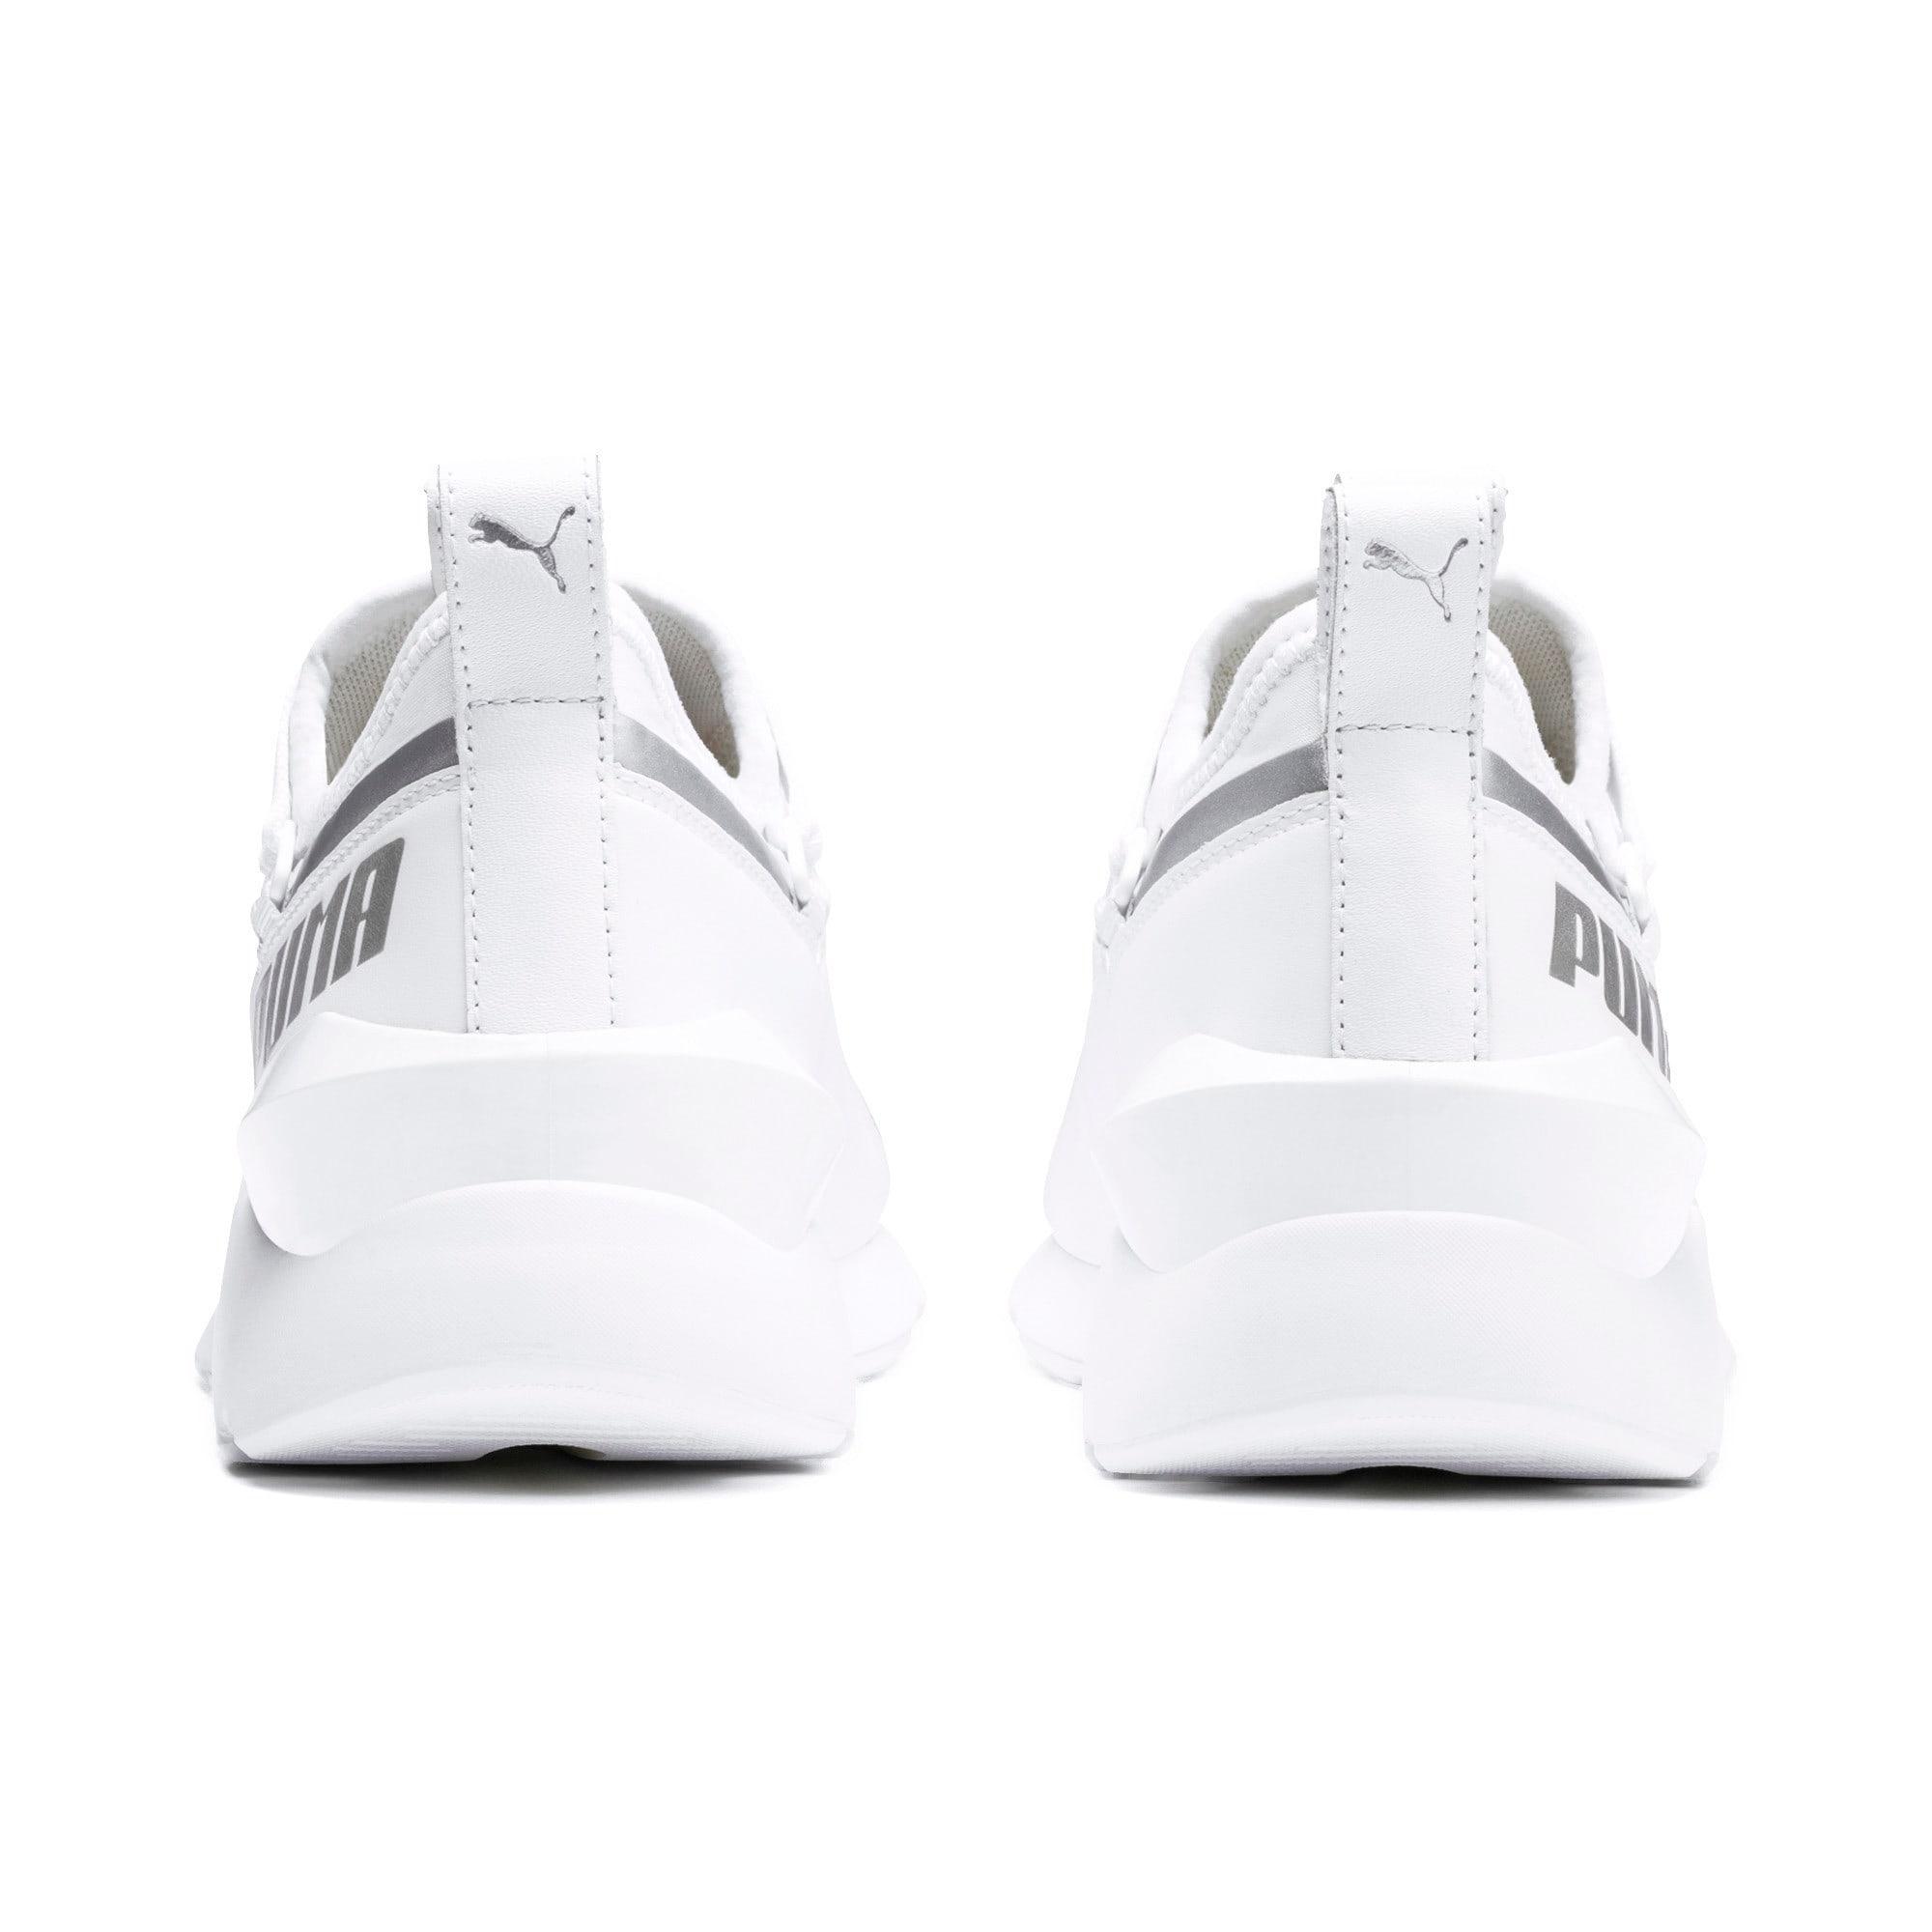 Miniatura 4 de Zapatos deportivos Muse2Trailblazer para mujer, Puma White-Puma Silver, mediano